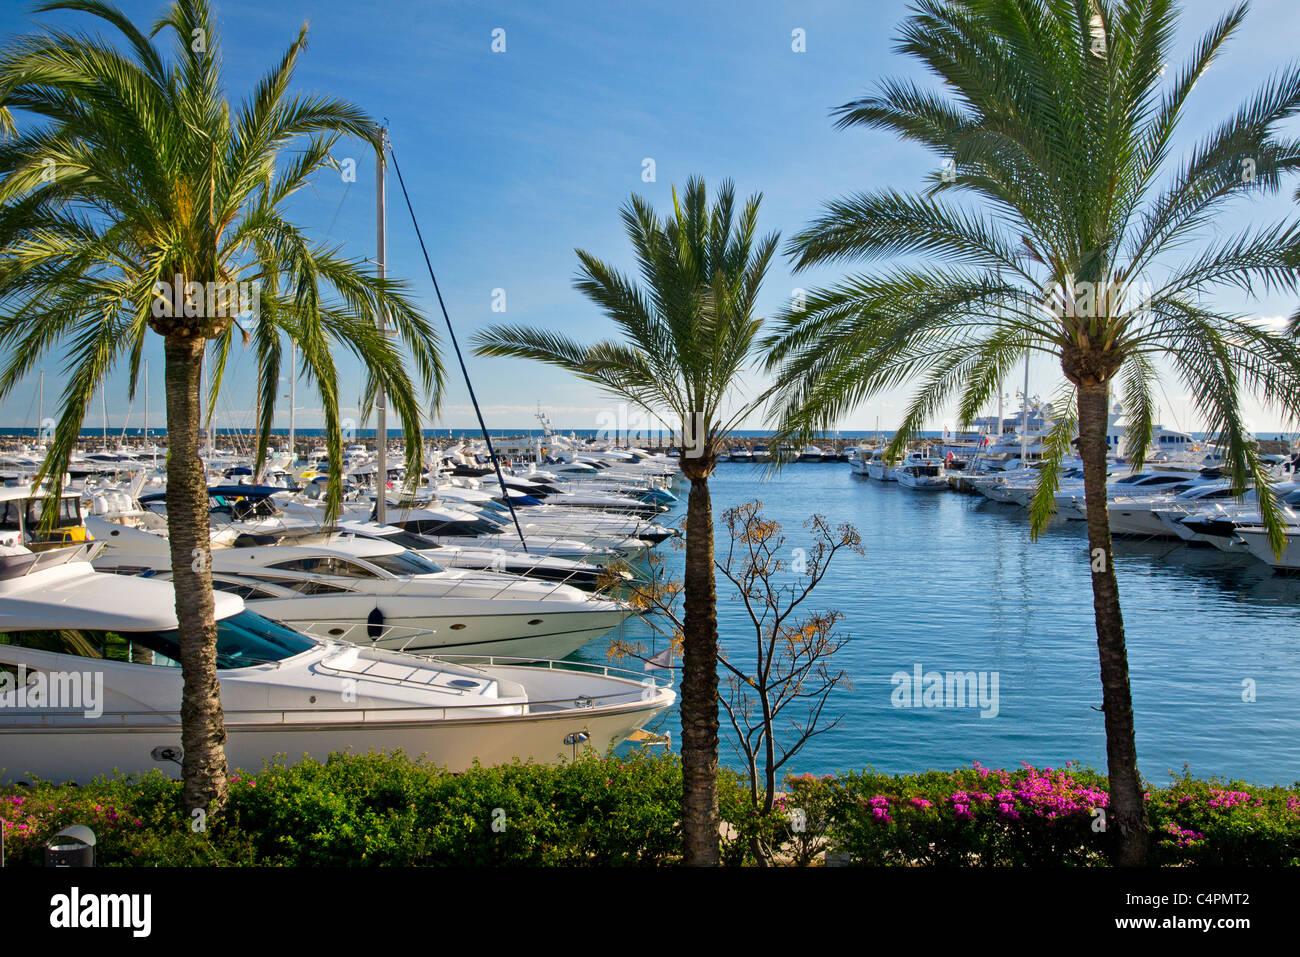 Ian shaw luxury motor yachts moored at puerto portals marina portals stock photo royalty free - Puerto de palma de mallorca ...